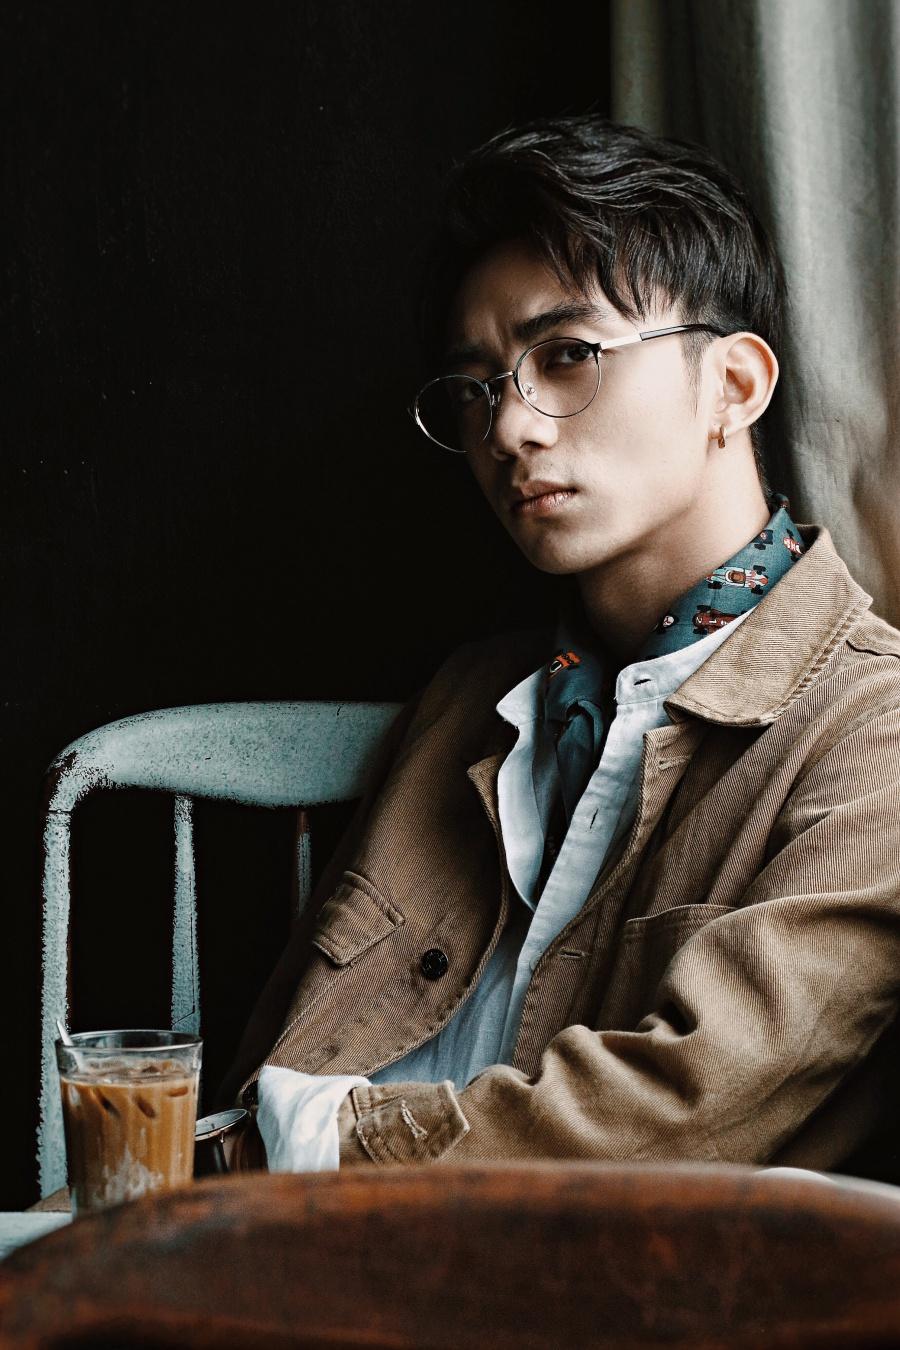 Không chỉ sở trường R&B, Soobin Hoàng Sơn hát Ballad vẫn khiến fan đổ gục! - Ảnh 3.